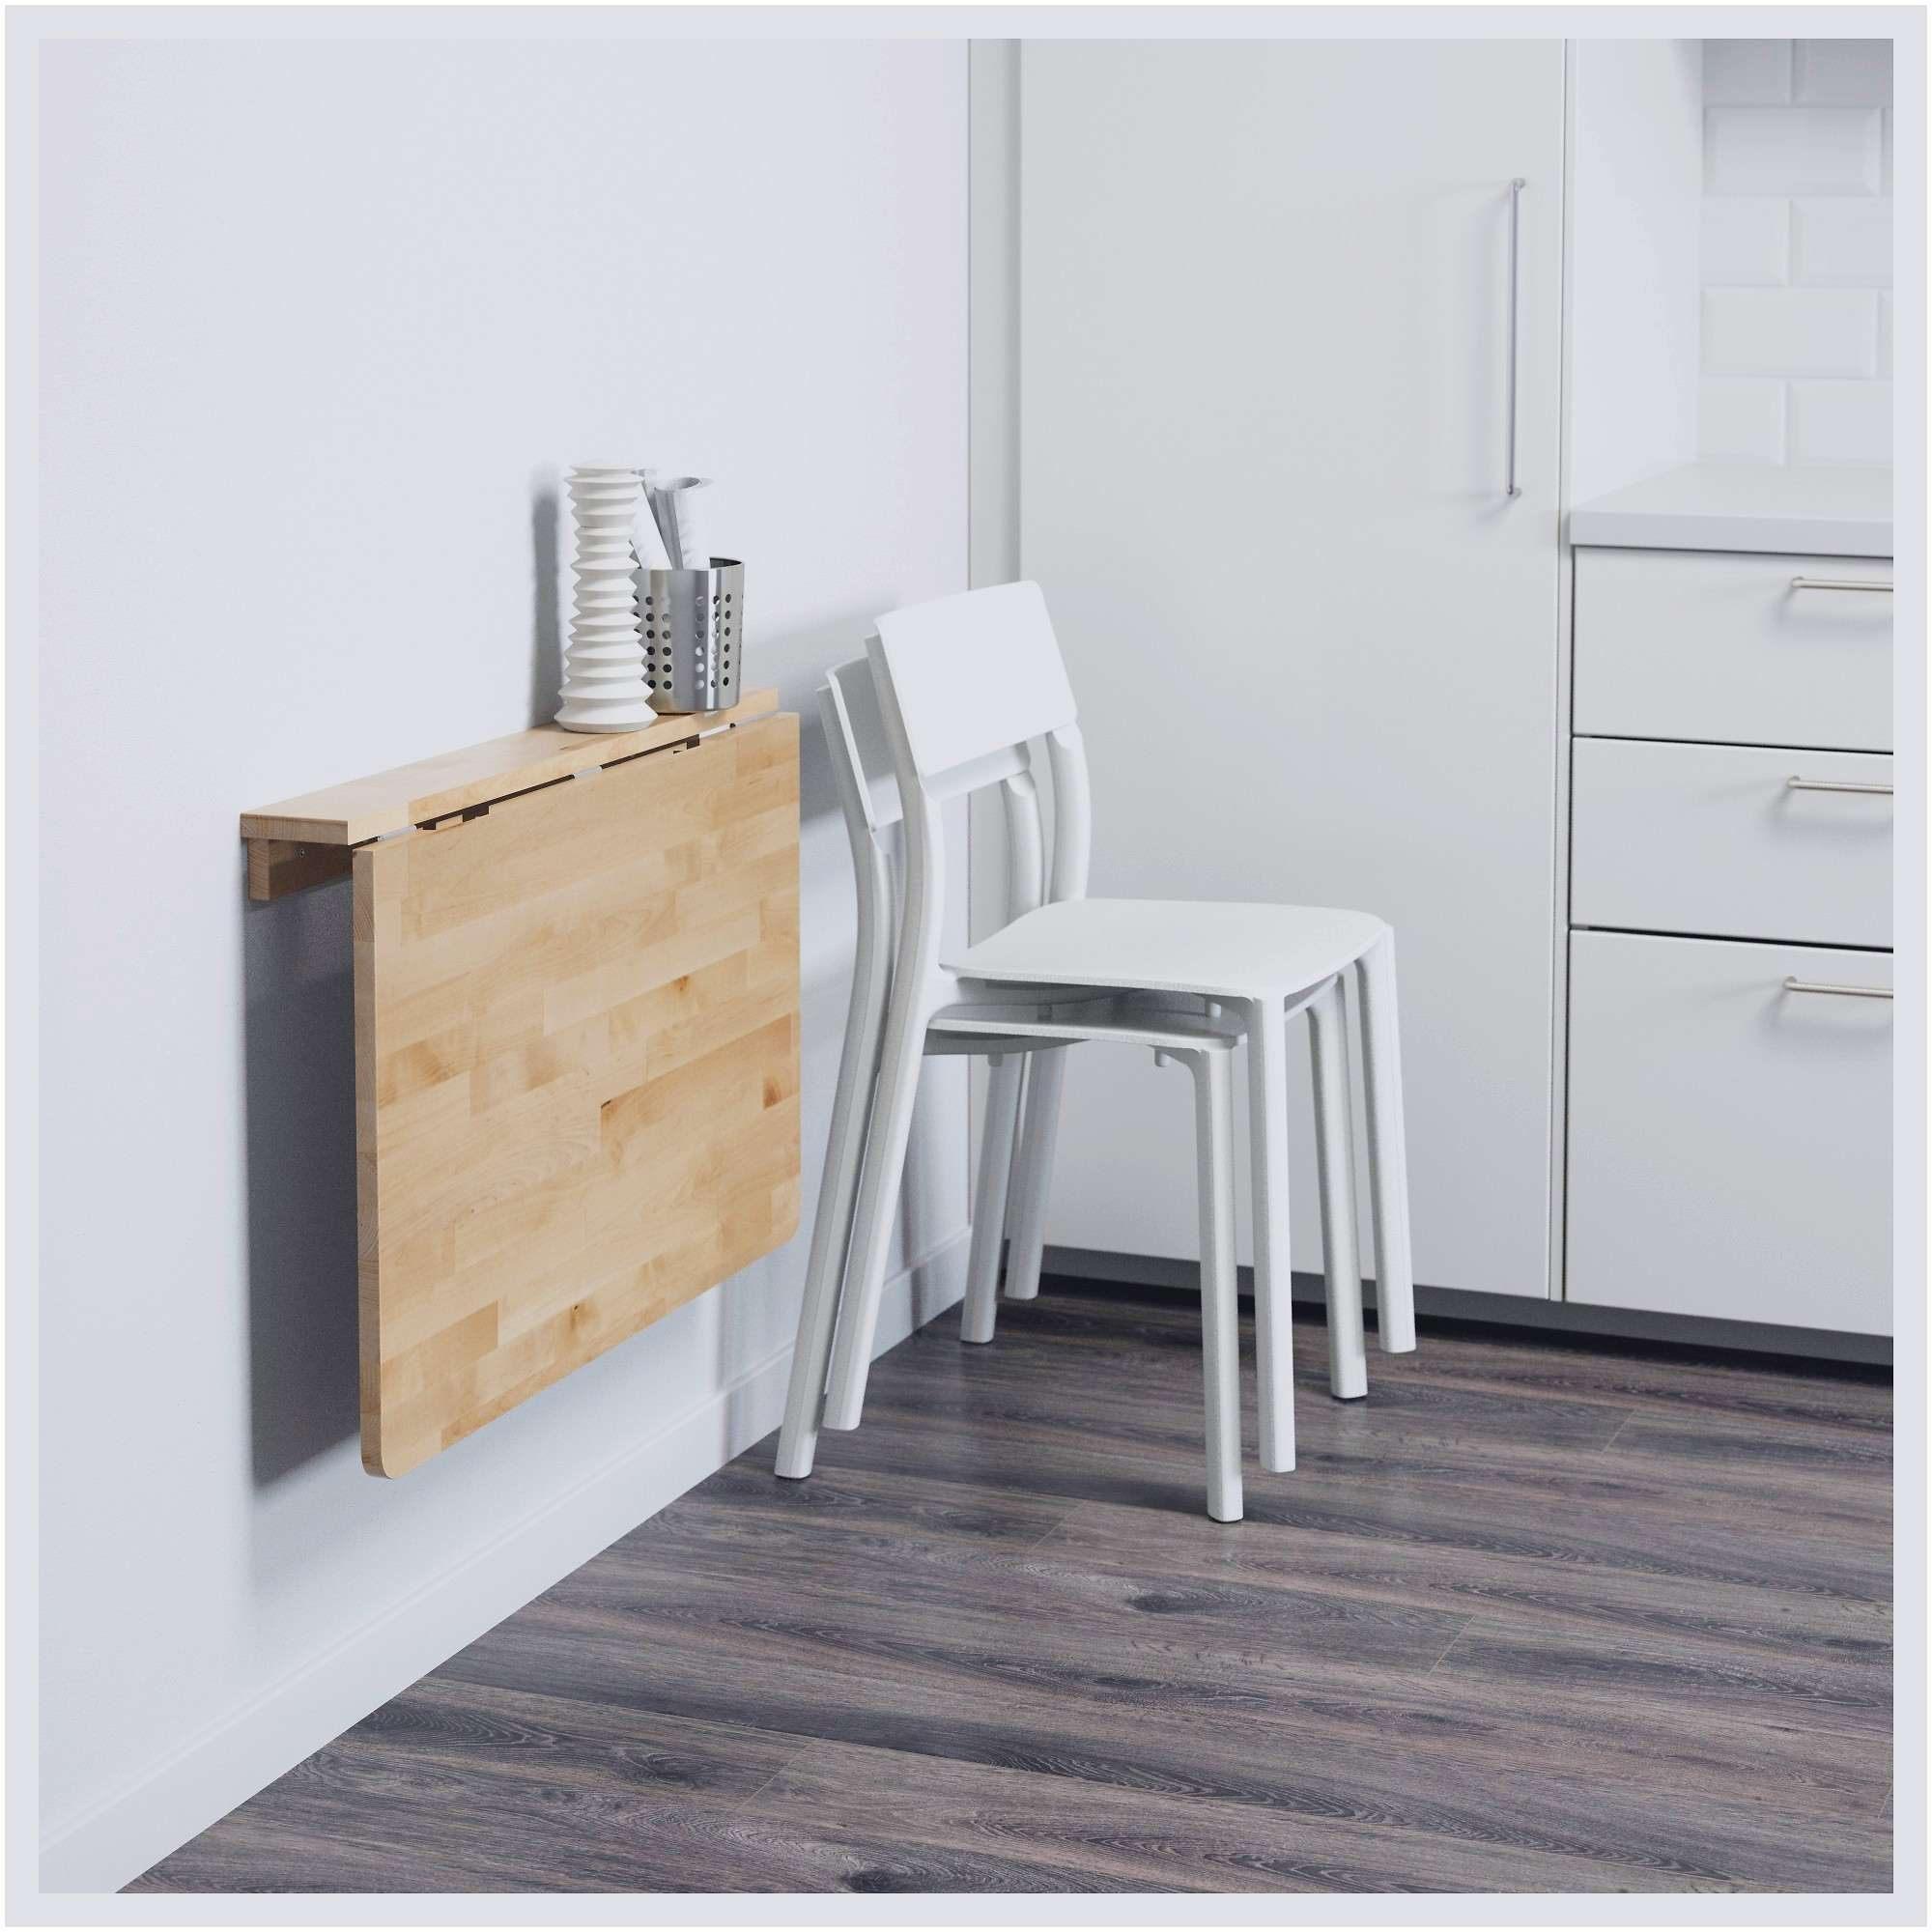 Lit Convertible Ikea Agréable Unique Table Relevable Ikea Luxe Lit Relevable Ikea Meilleur De